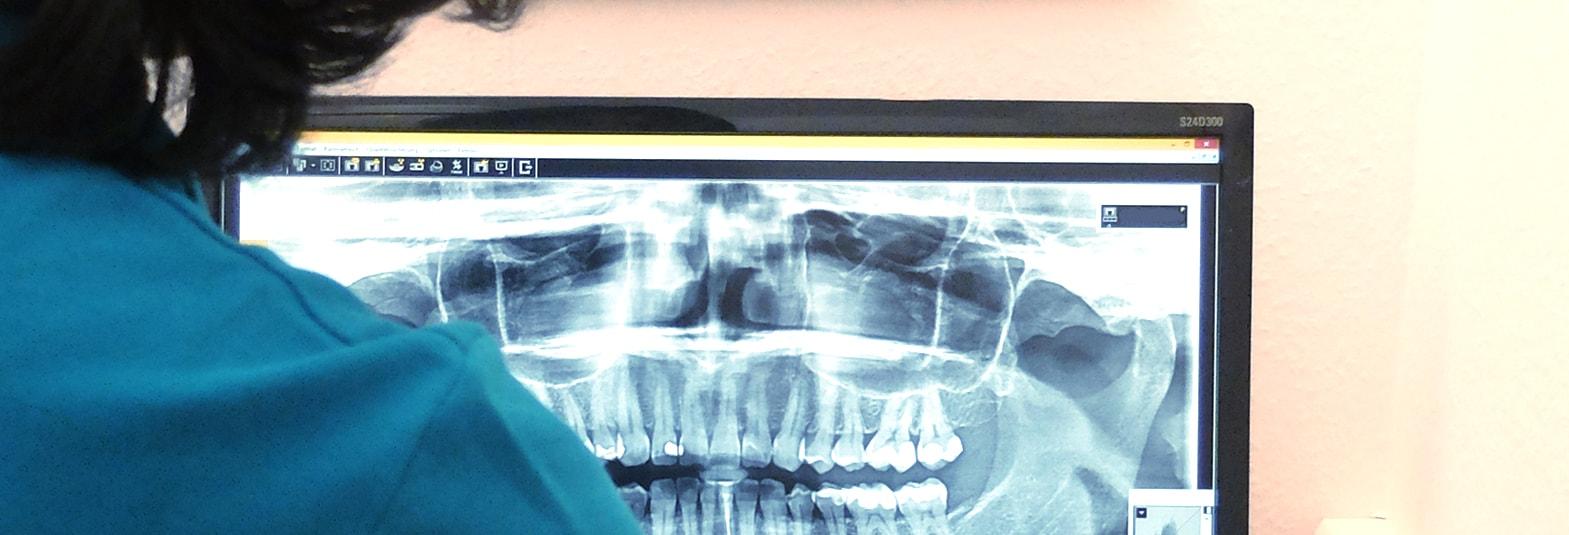 Röntgenaufnahme Zähne